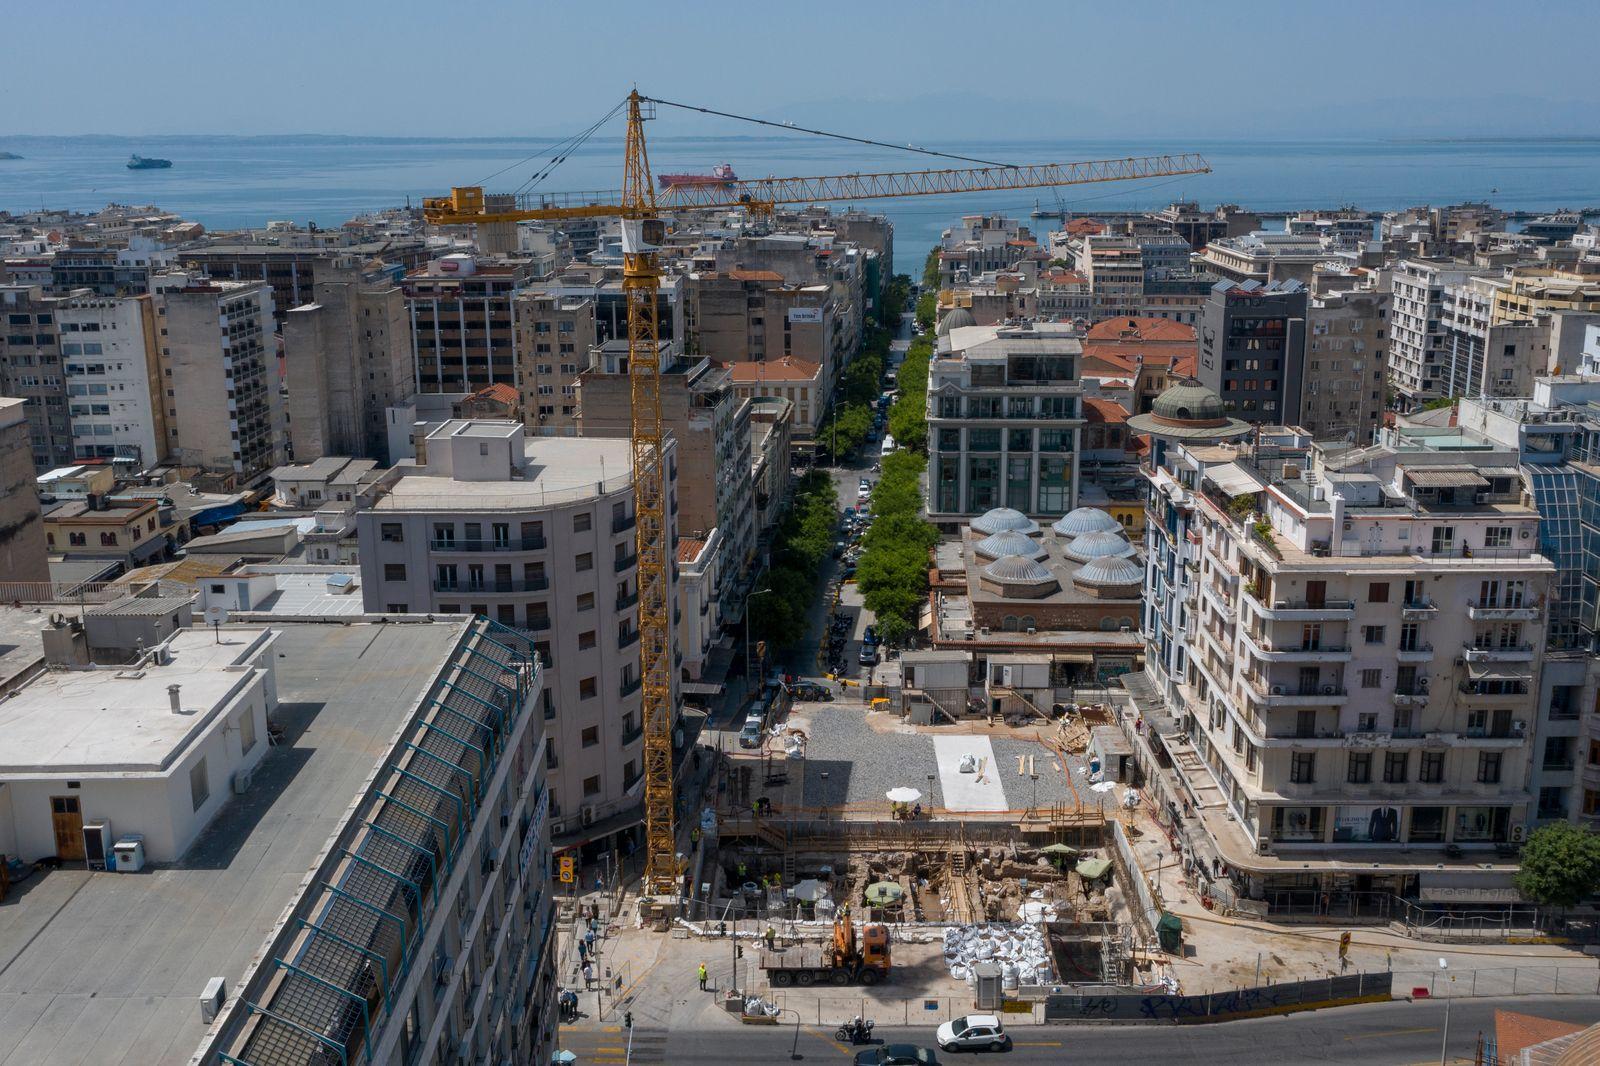 Thessaloniki Metro - Via Engatia